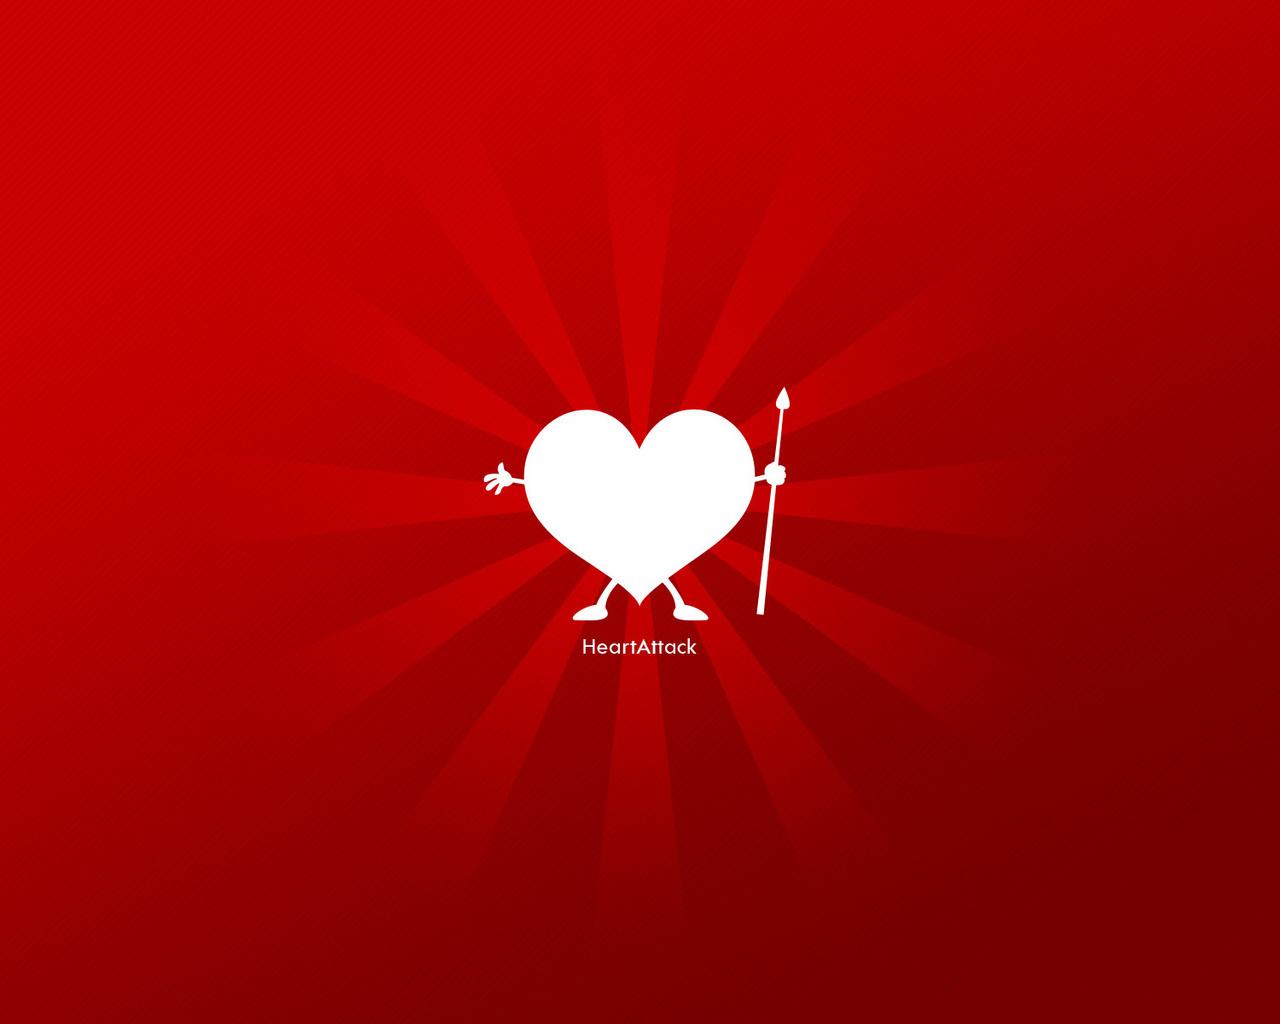 Сердце лучшие обои